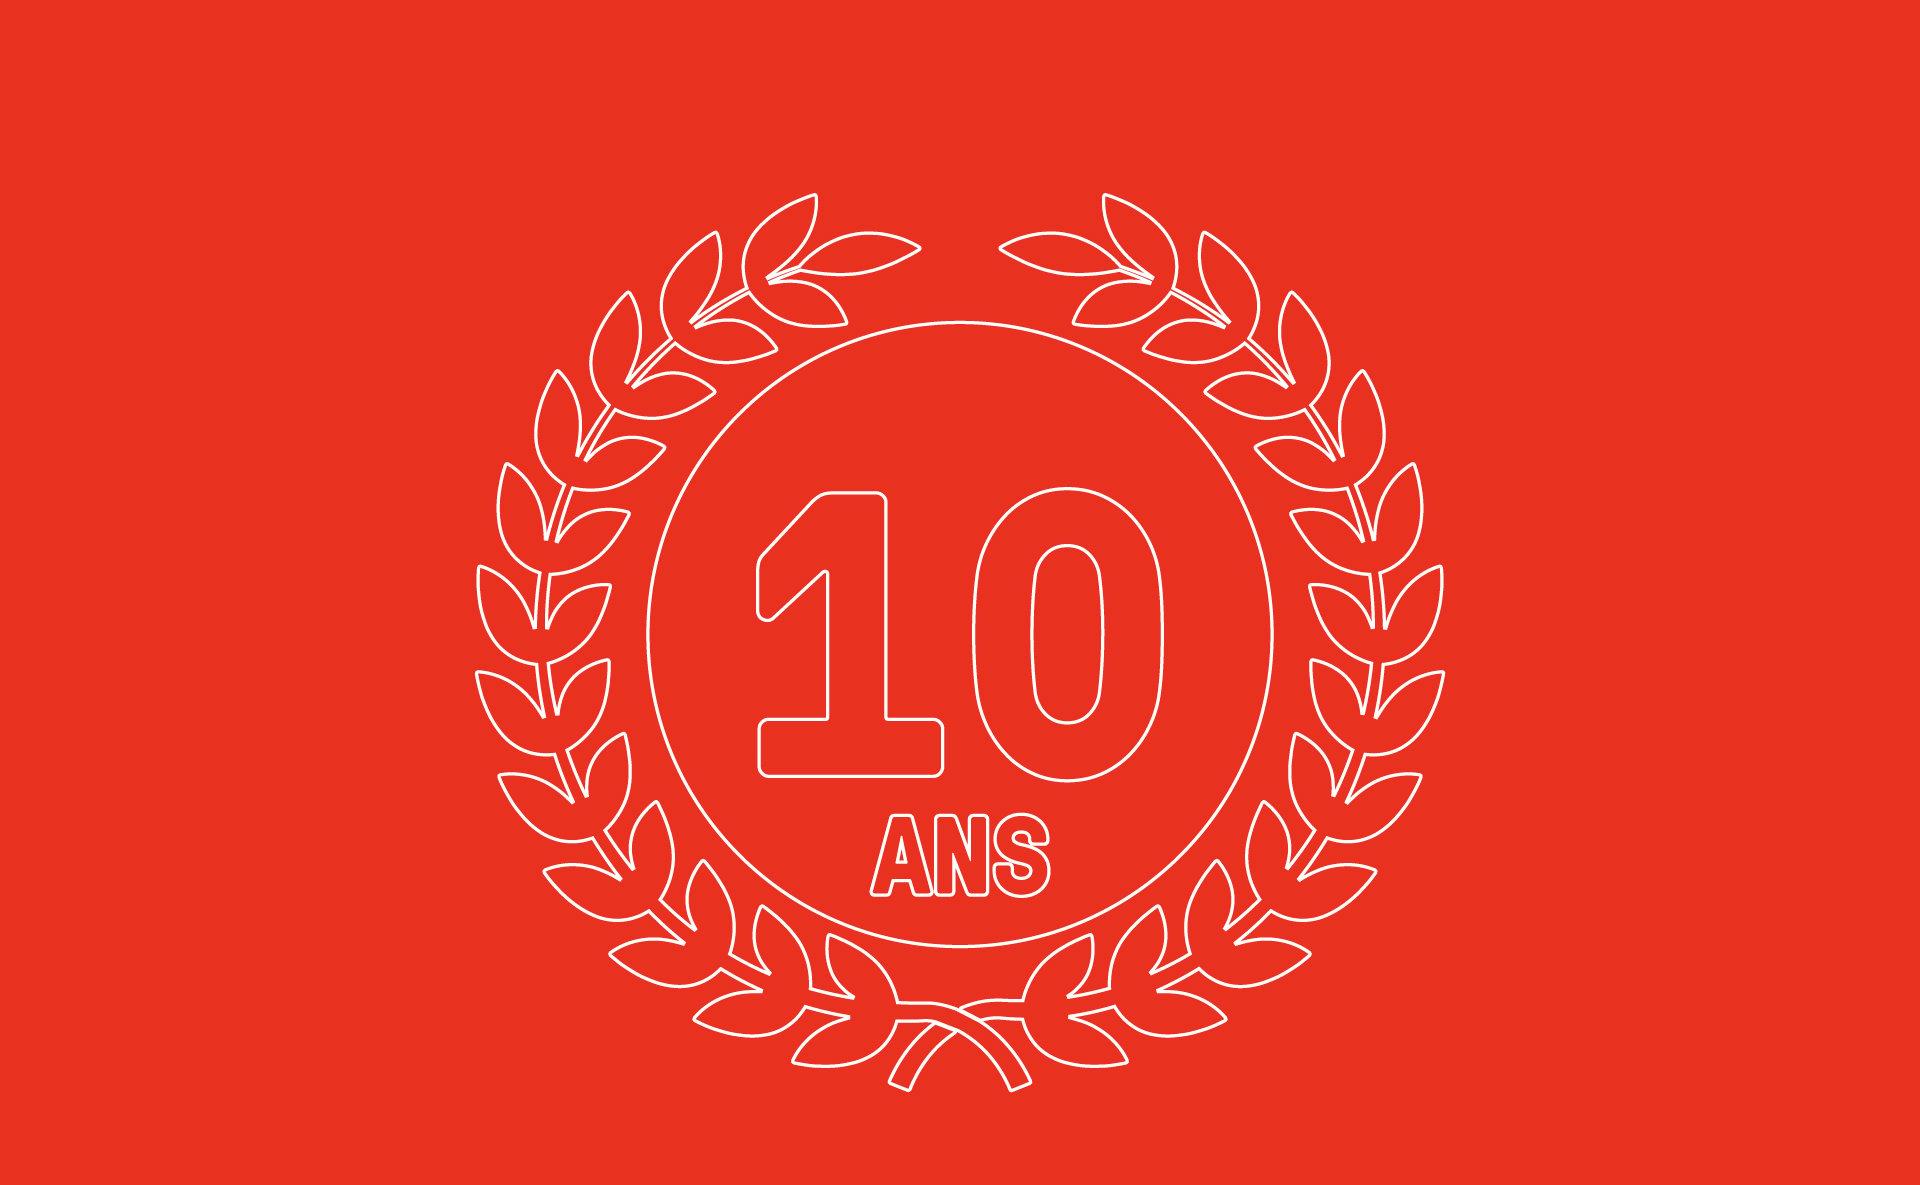 10-ans-déjà-E2R-Paris